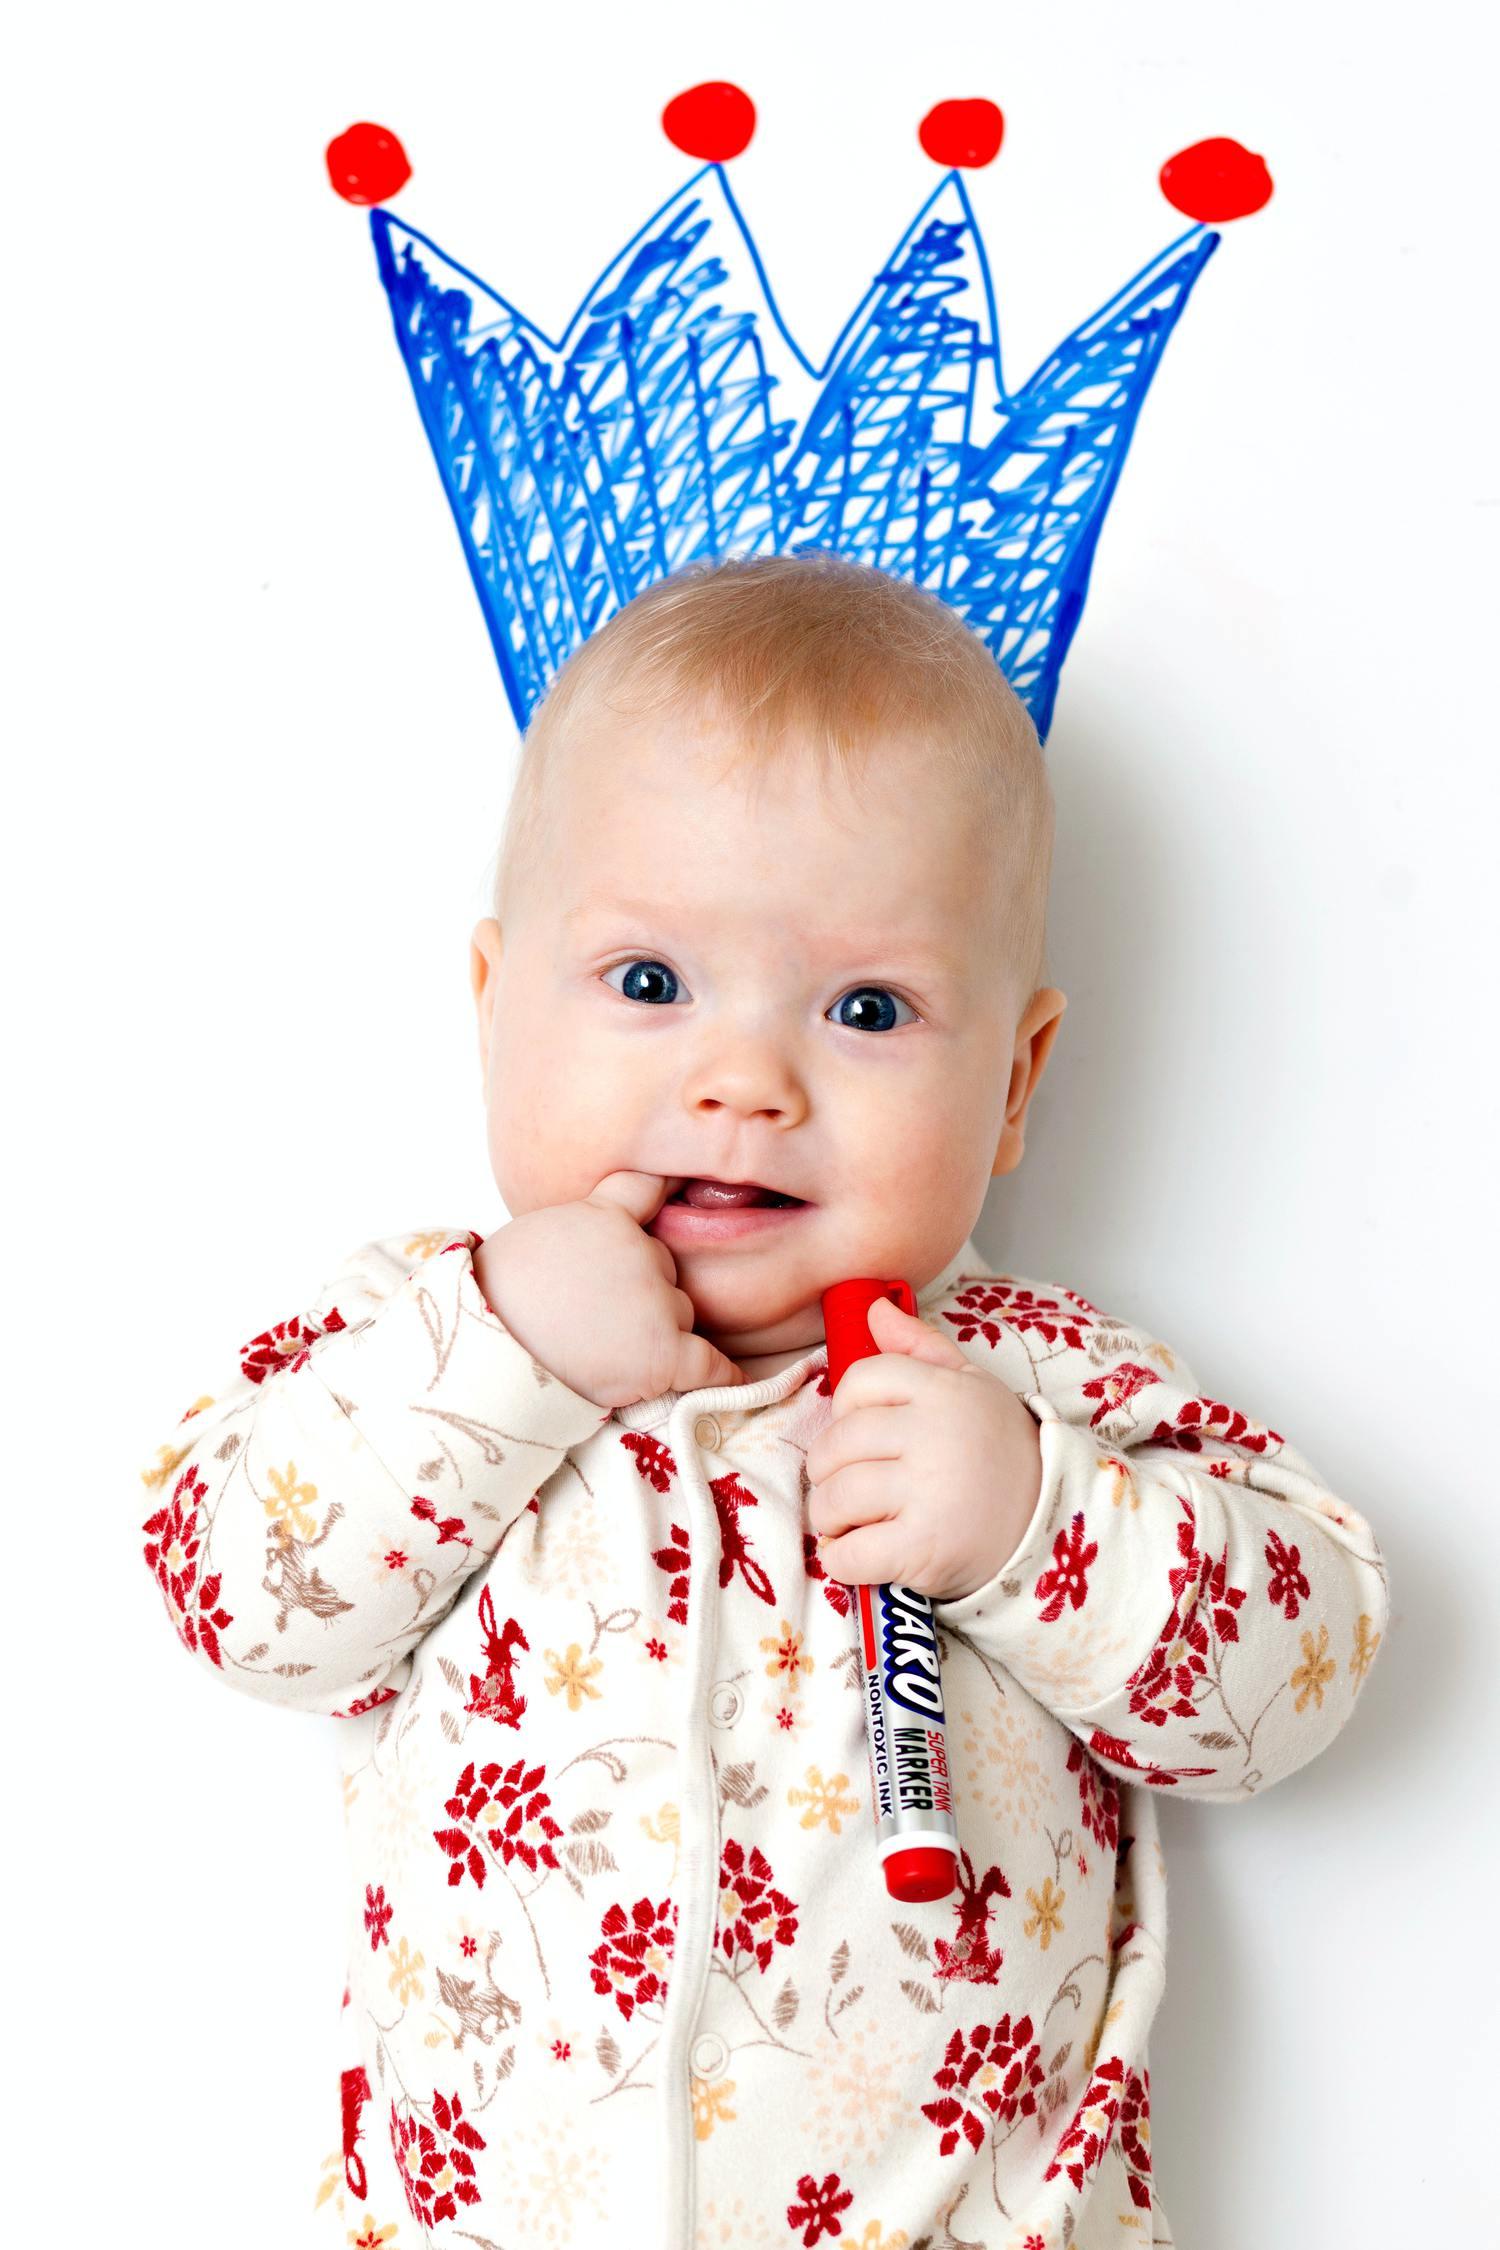 fotografía creativa de bebé con corona dibujada